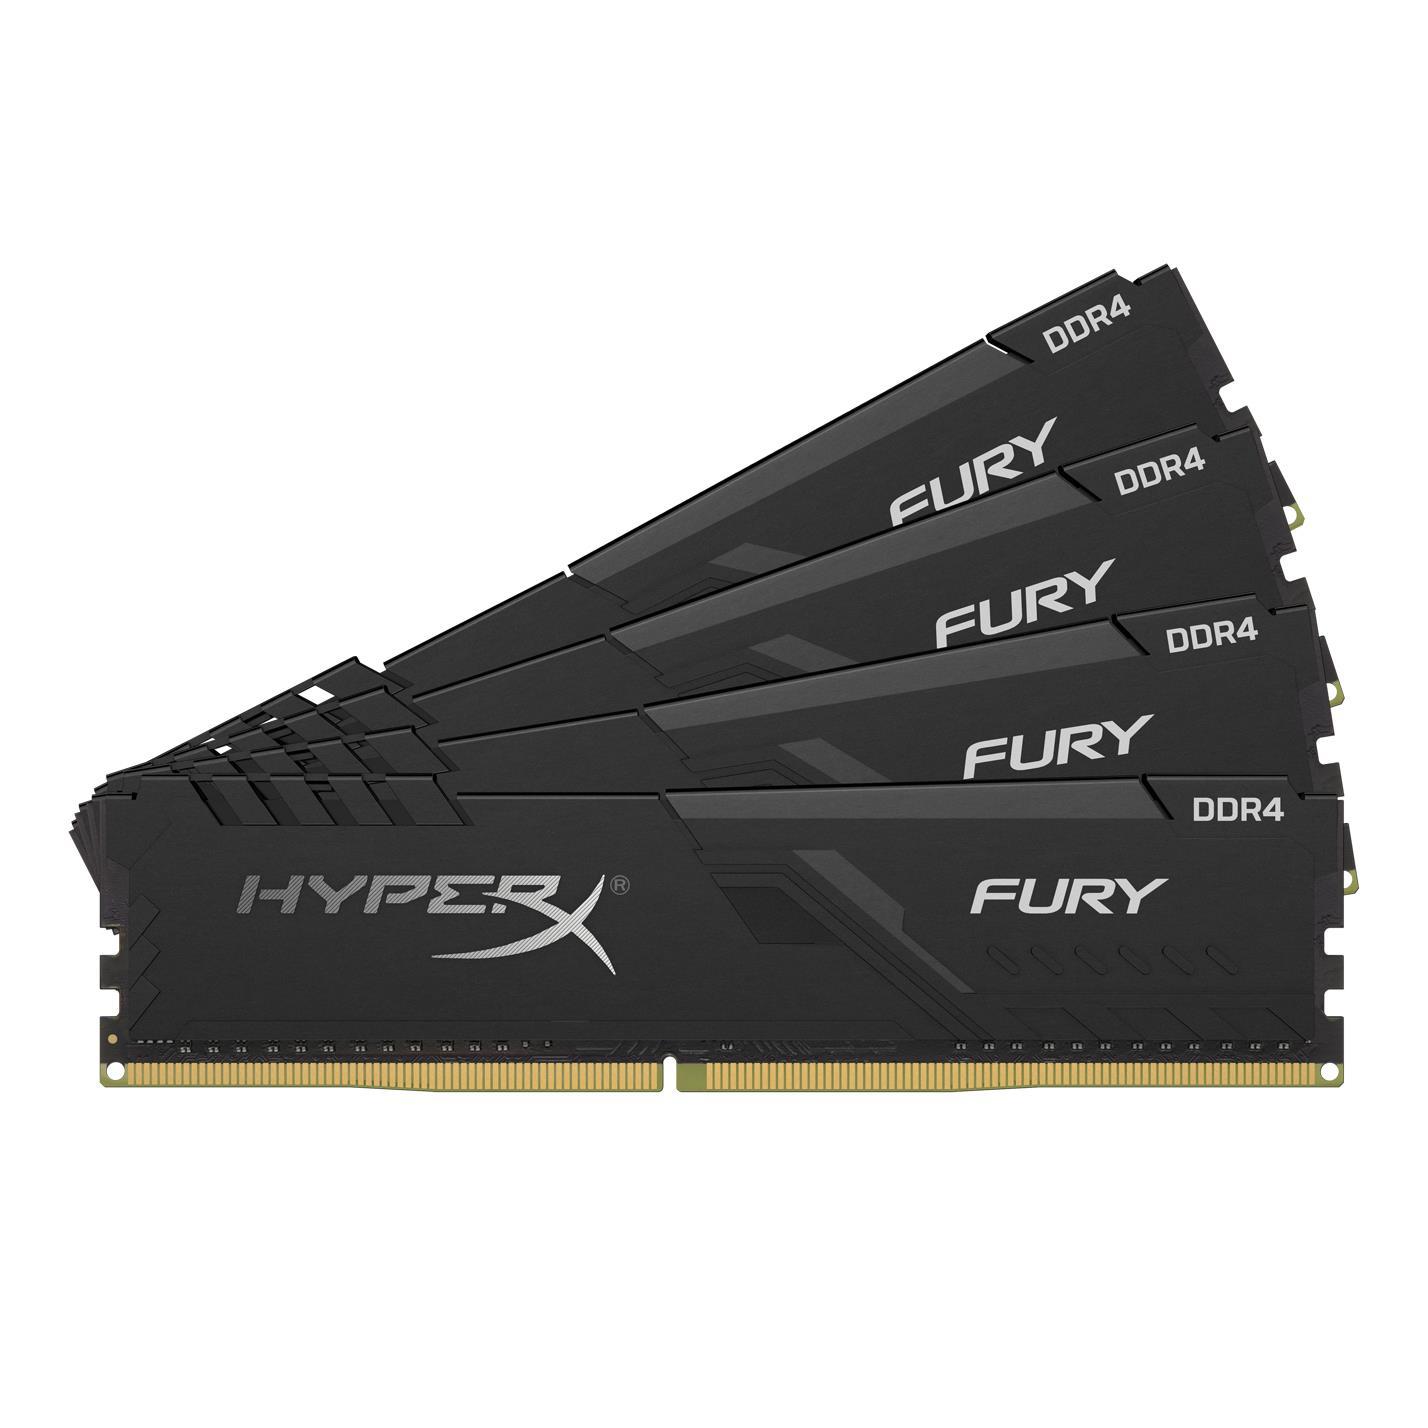 Kit mémoire RAM DDR4 HyperX Fury 64 Go - 3200MHz (yeppon.it)